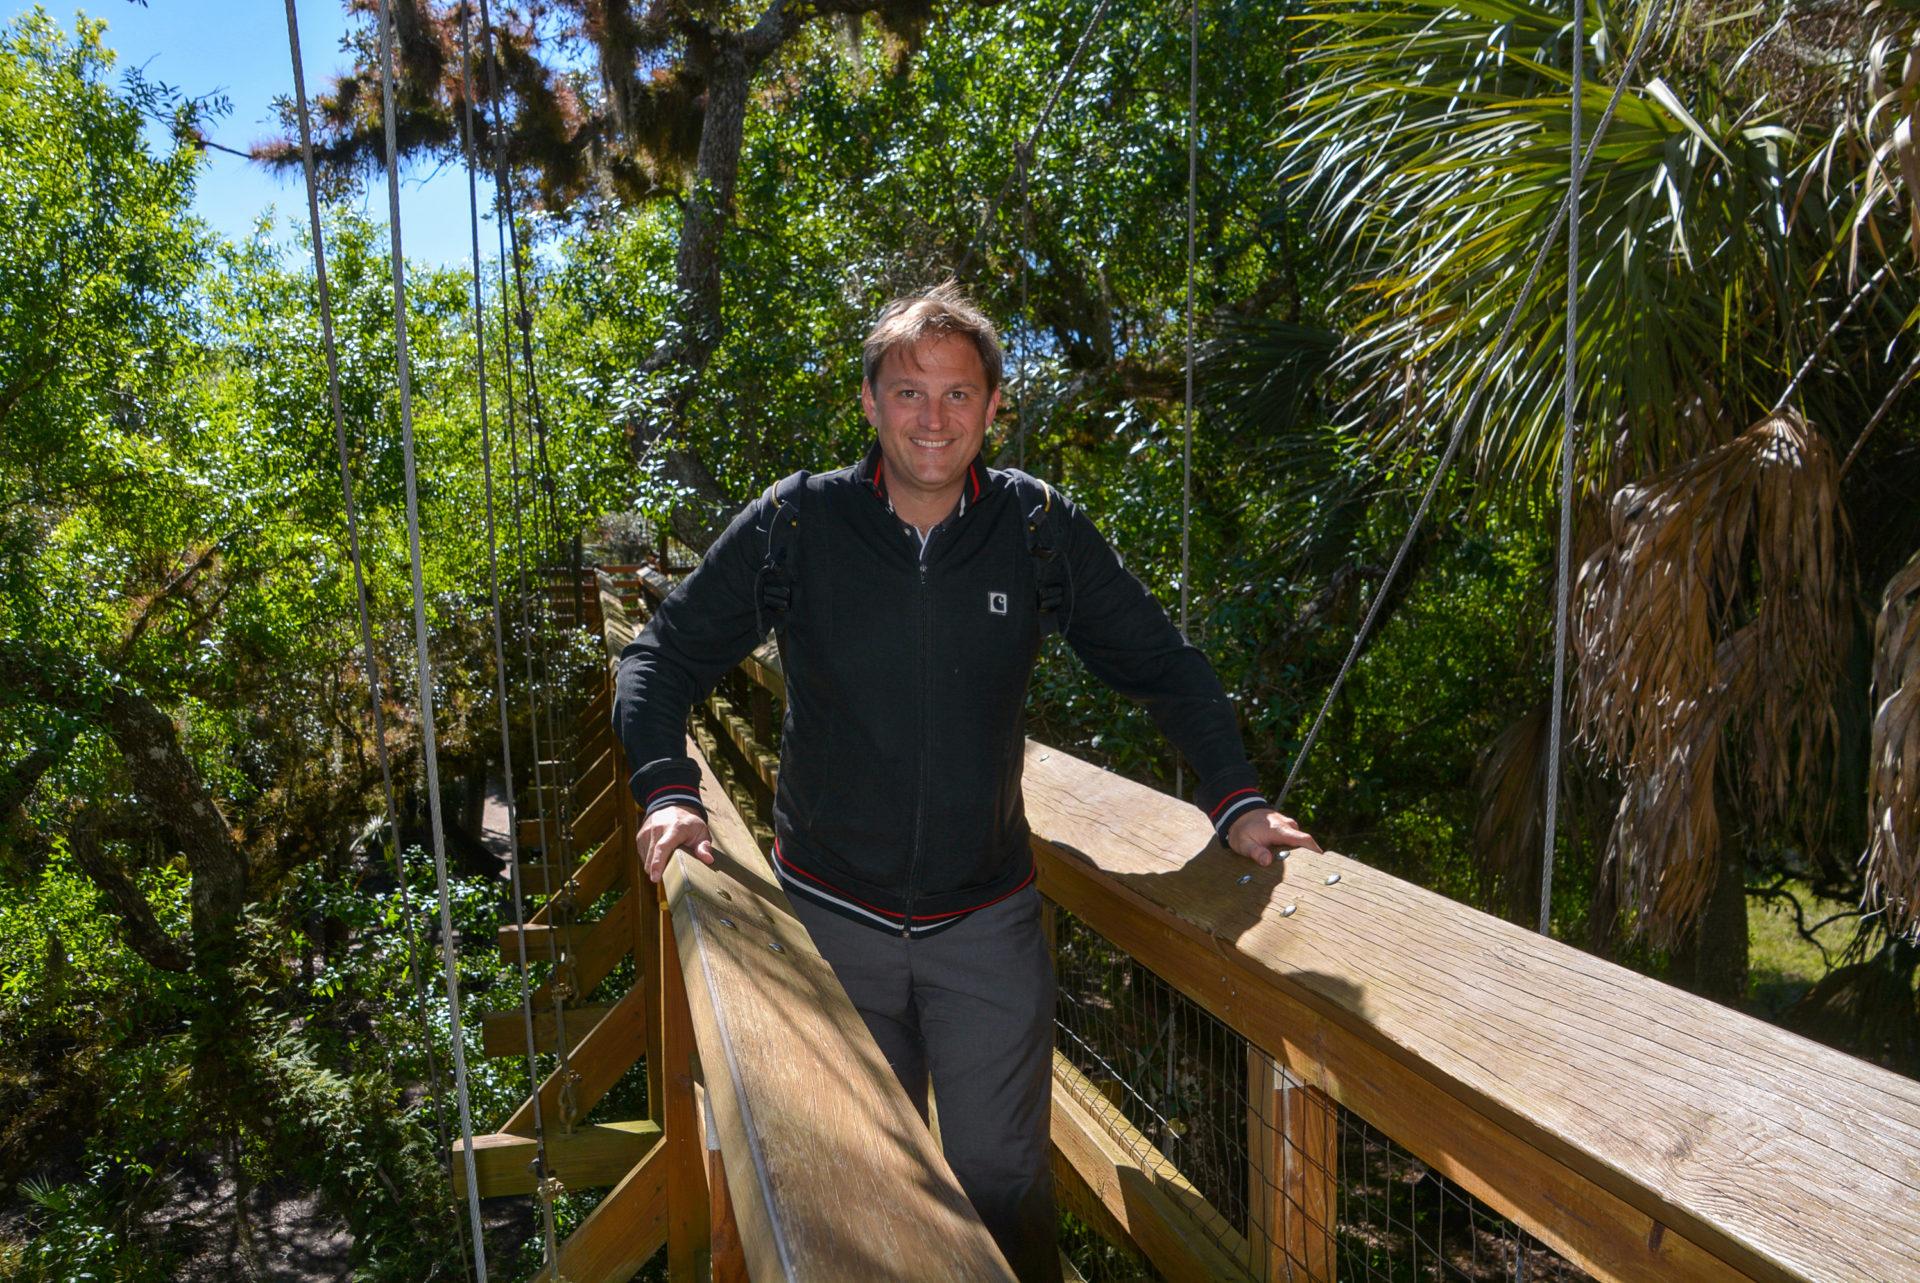 Autor Ralf Johnen auf dem Canopy Walk im Myakka River State Park